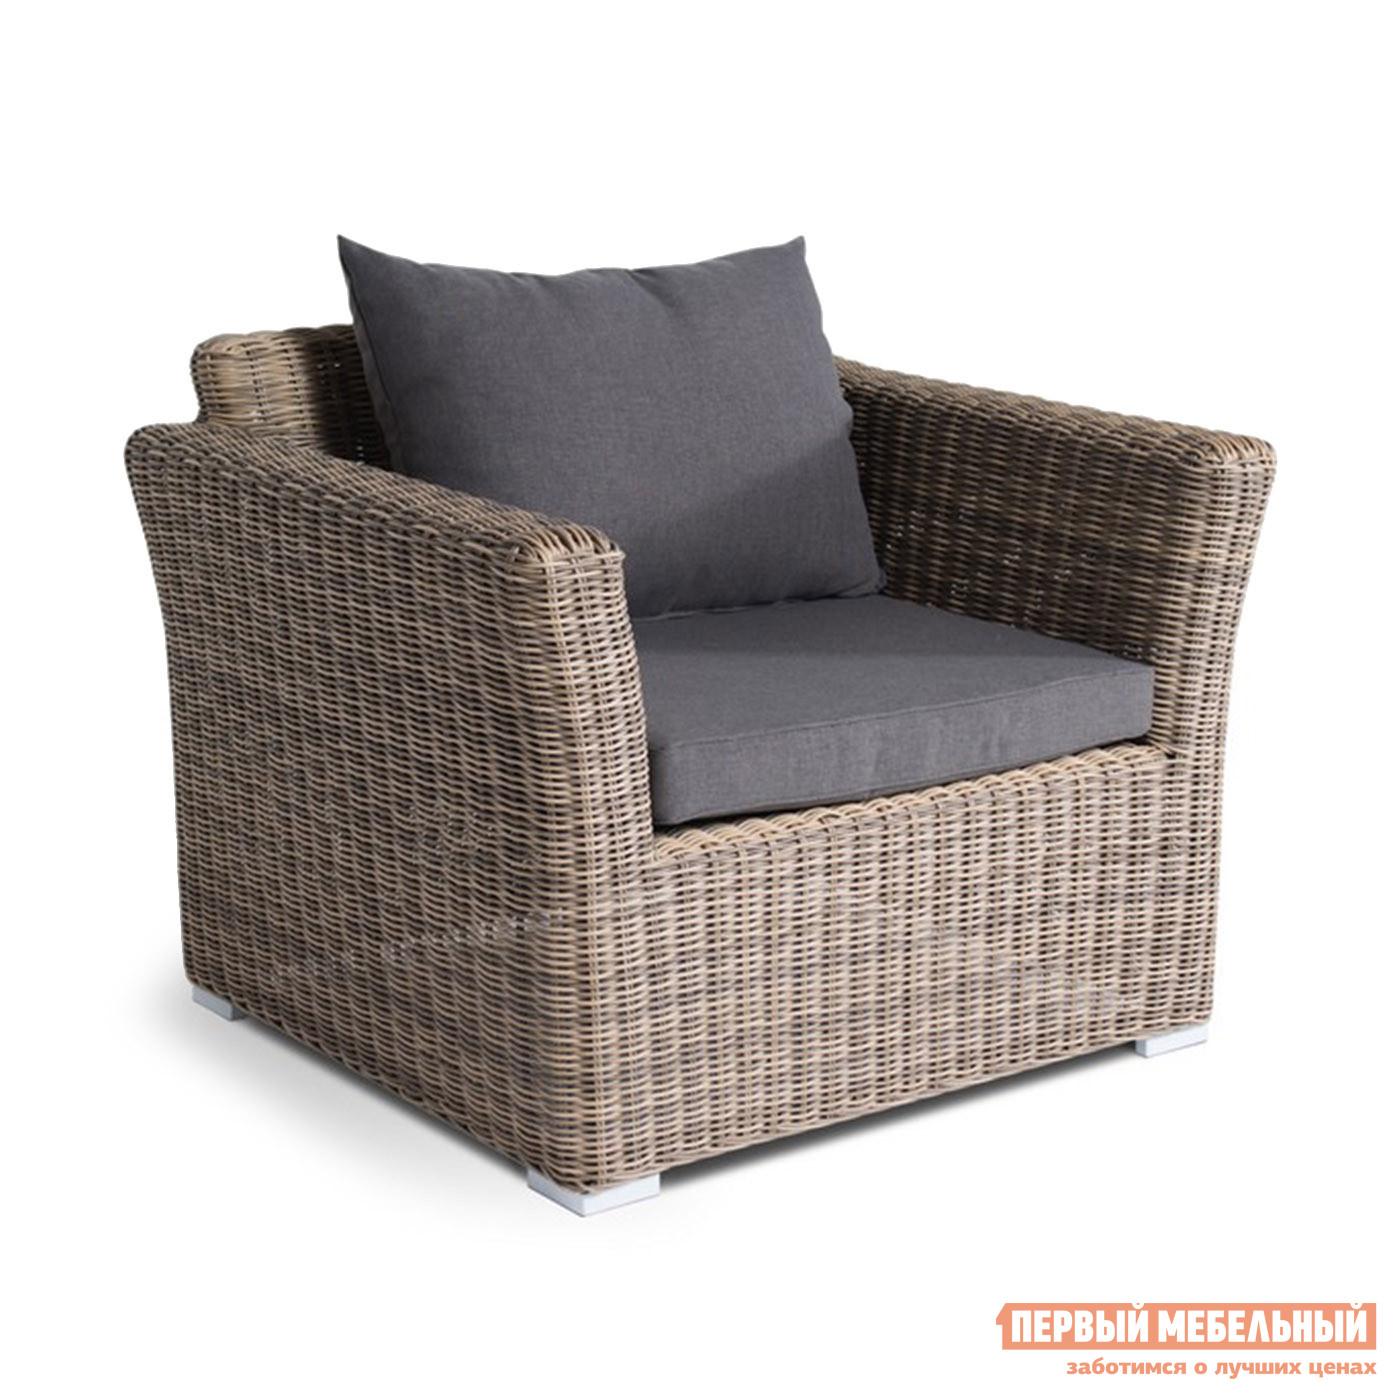 Плетеное кресло Кватросис YH-C1130W-3 цены онлайн